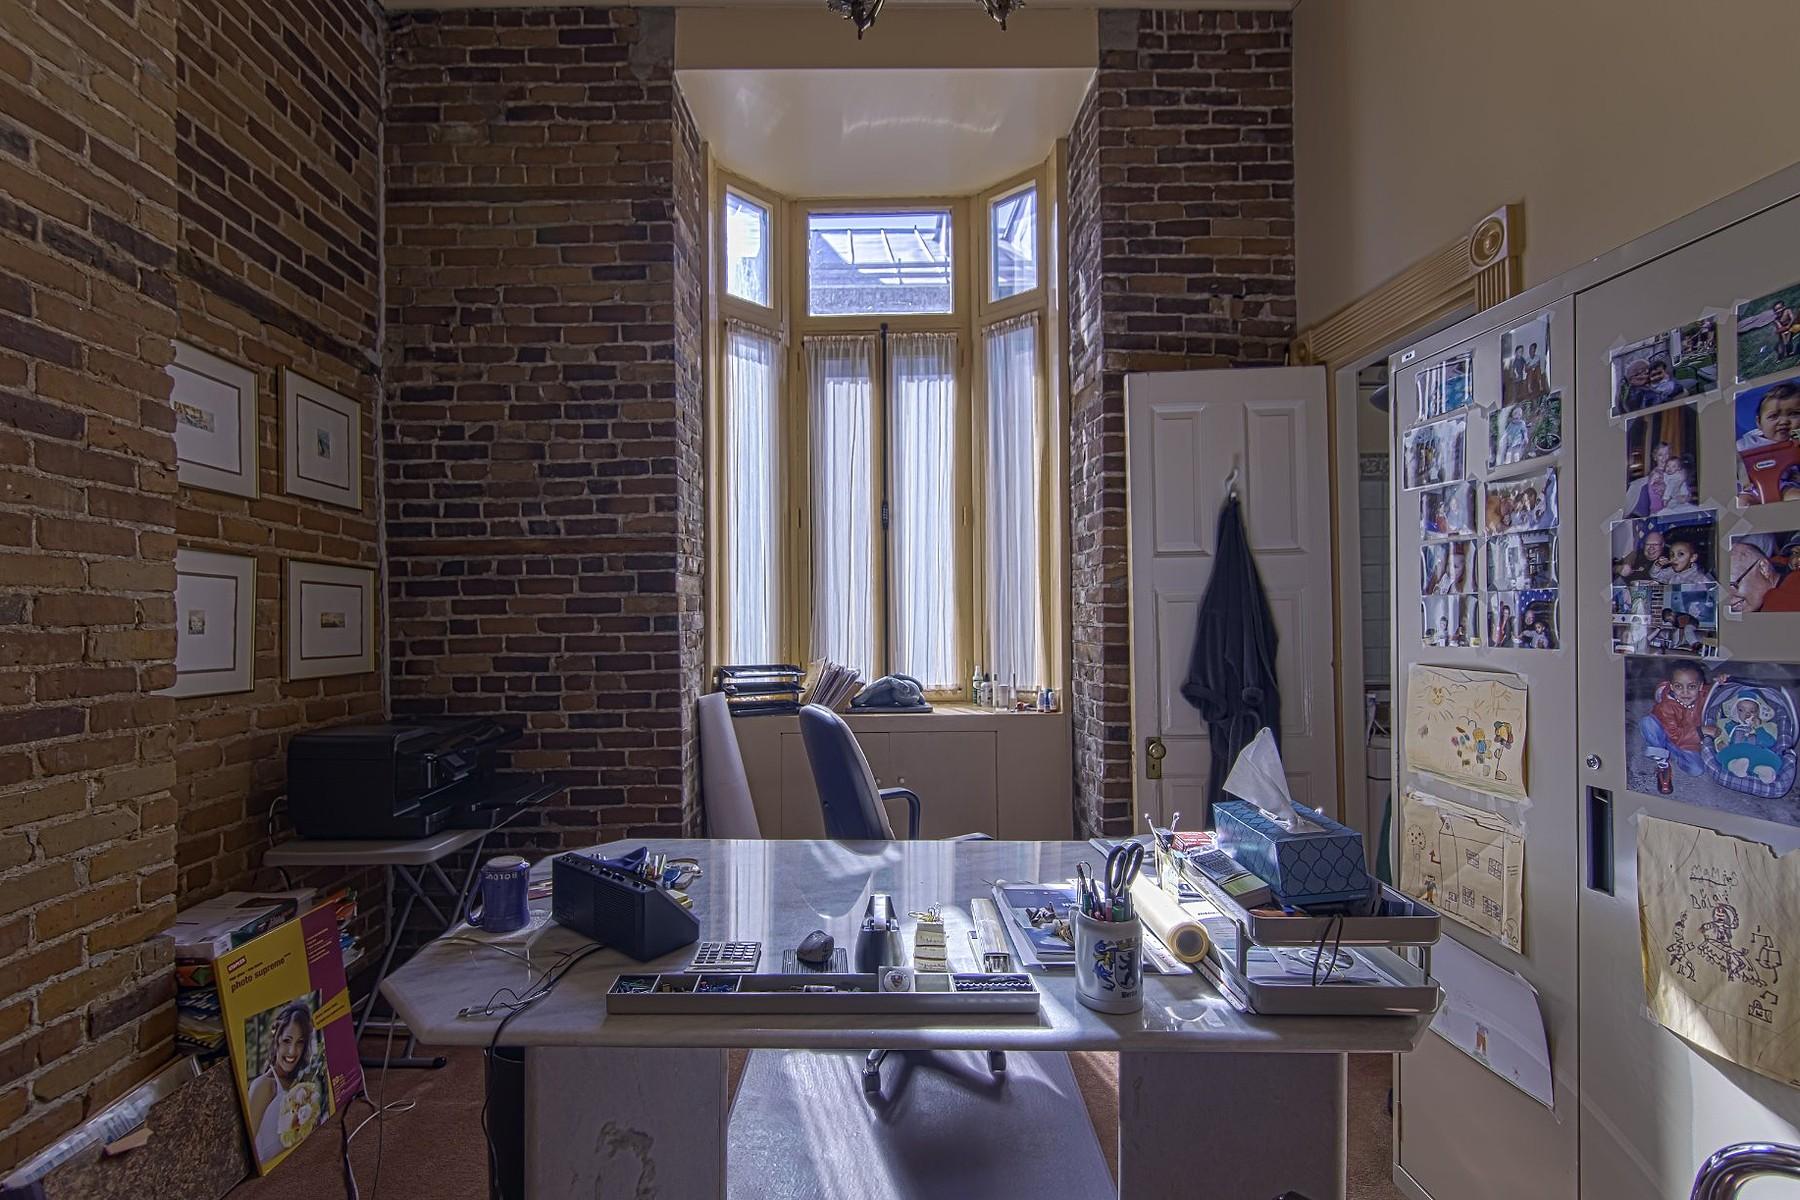 独户住宅 为 销售 在 La Cité, Capitale-Nationale 28 Av. Ste-Geneviève 魁北克, 魁北克省, G1R4B2 加拿大